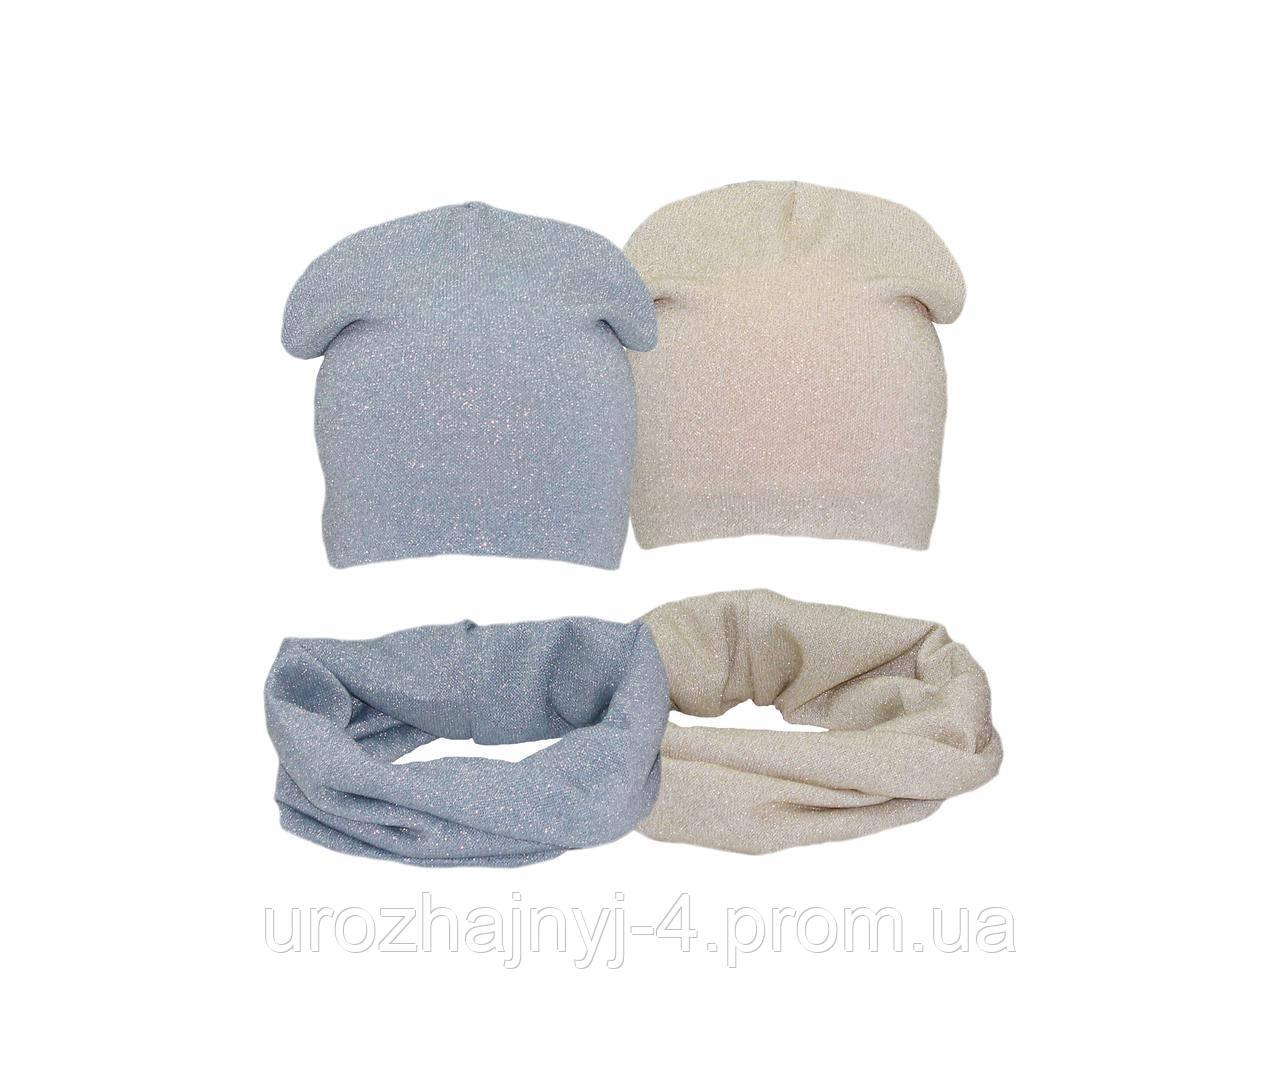 Трикотажный комплект шапка и хомут подкладка х/б 50-52.